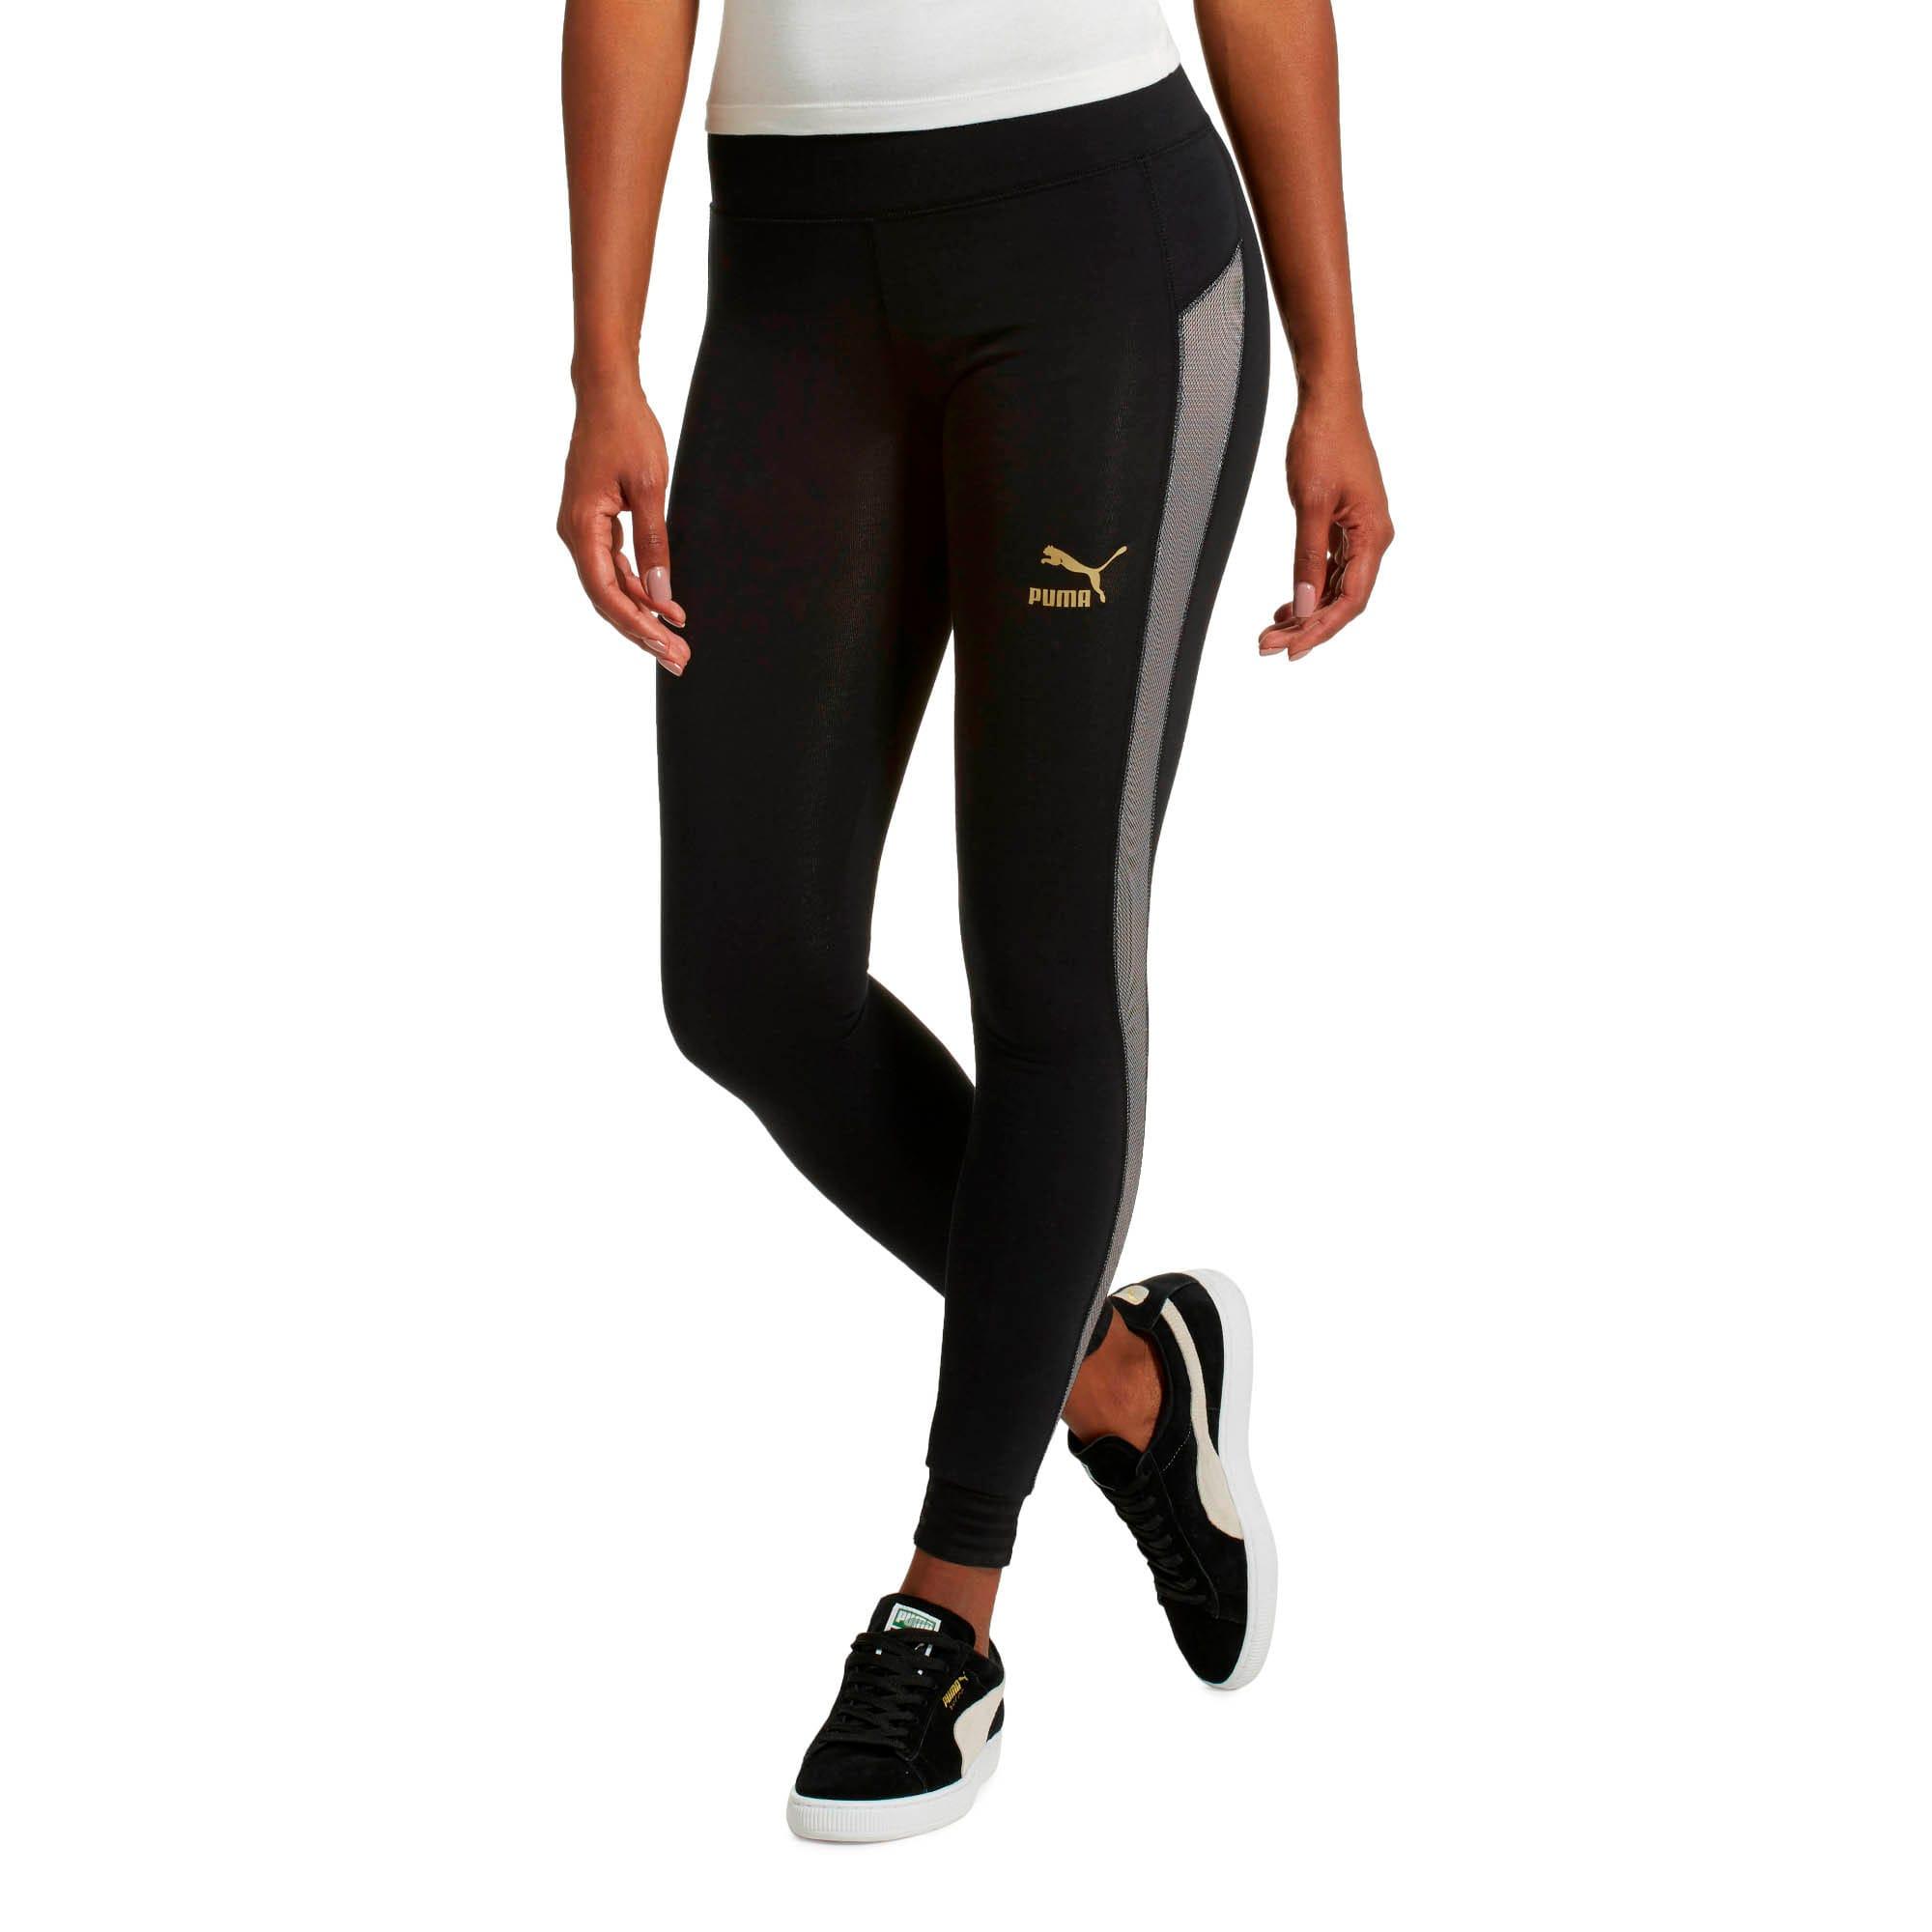 Thumbnail 2 of Fashion T7 Leggings, Puma Black, medium